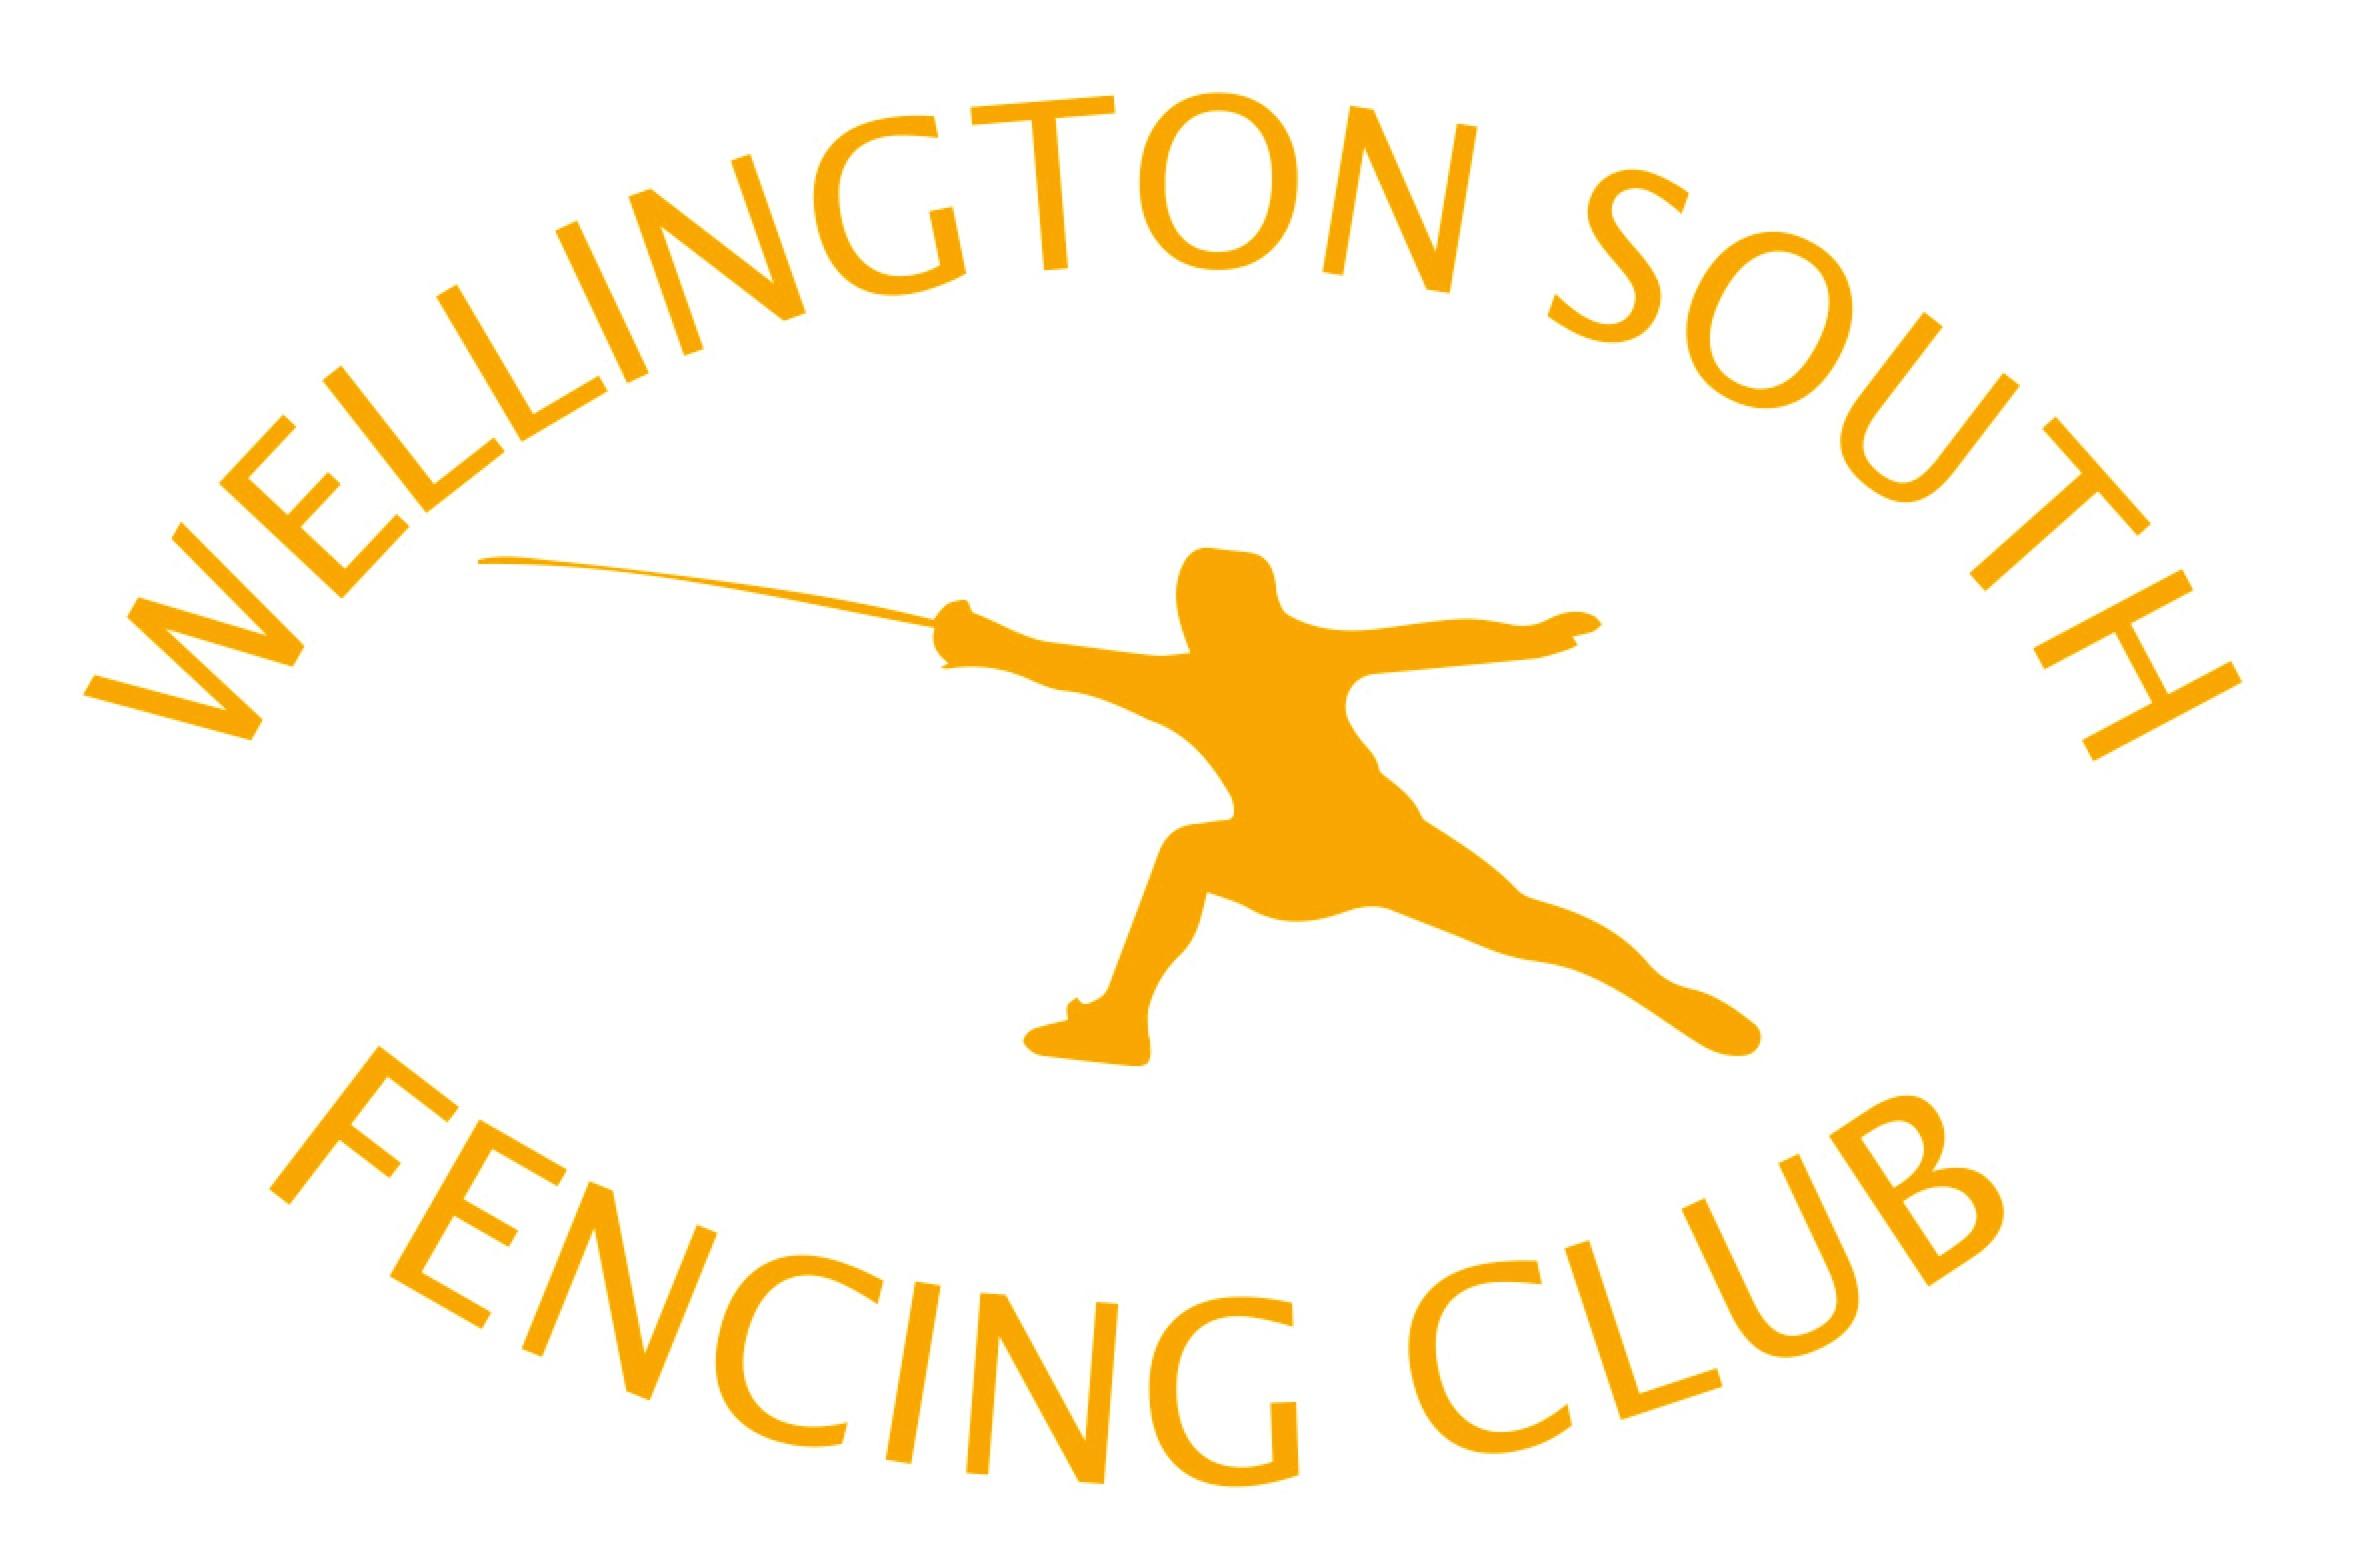 WSFC_logo-cropped.jpg